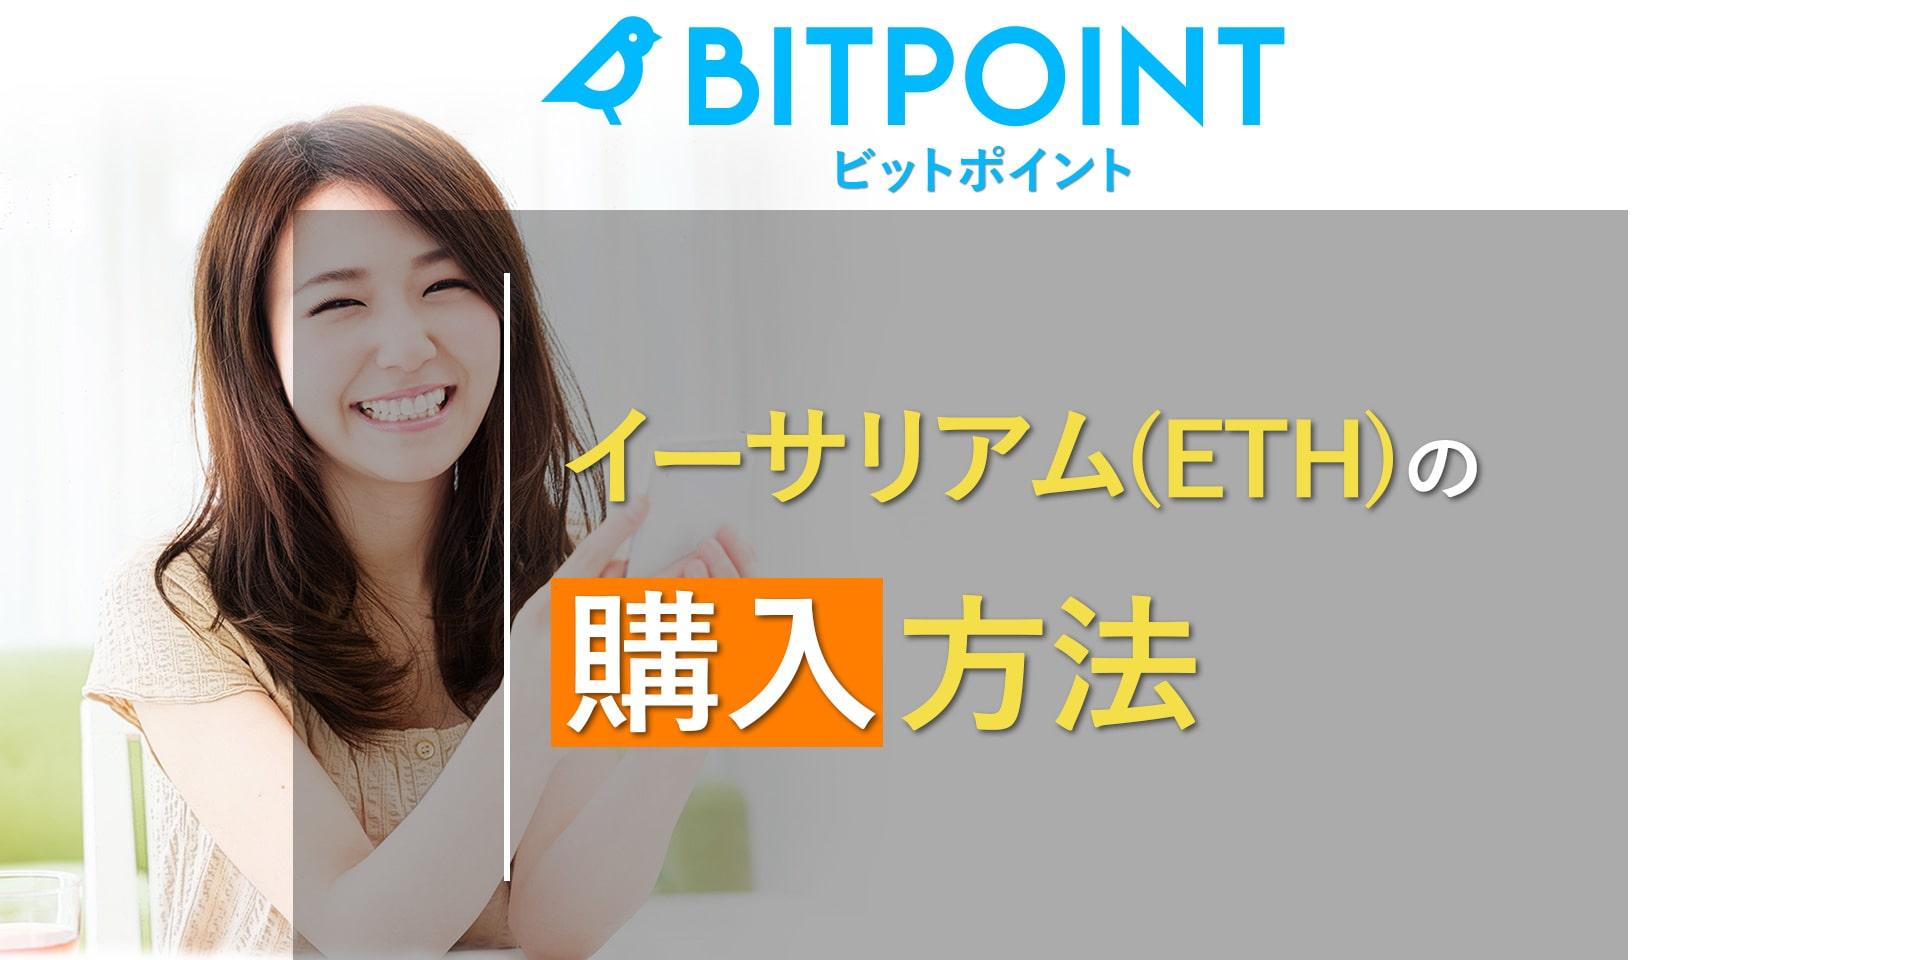 BITPoint(ビットポイント)のイーサリアム(ETH)の買い方、購入方法を徹底解説!